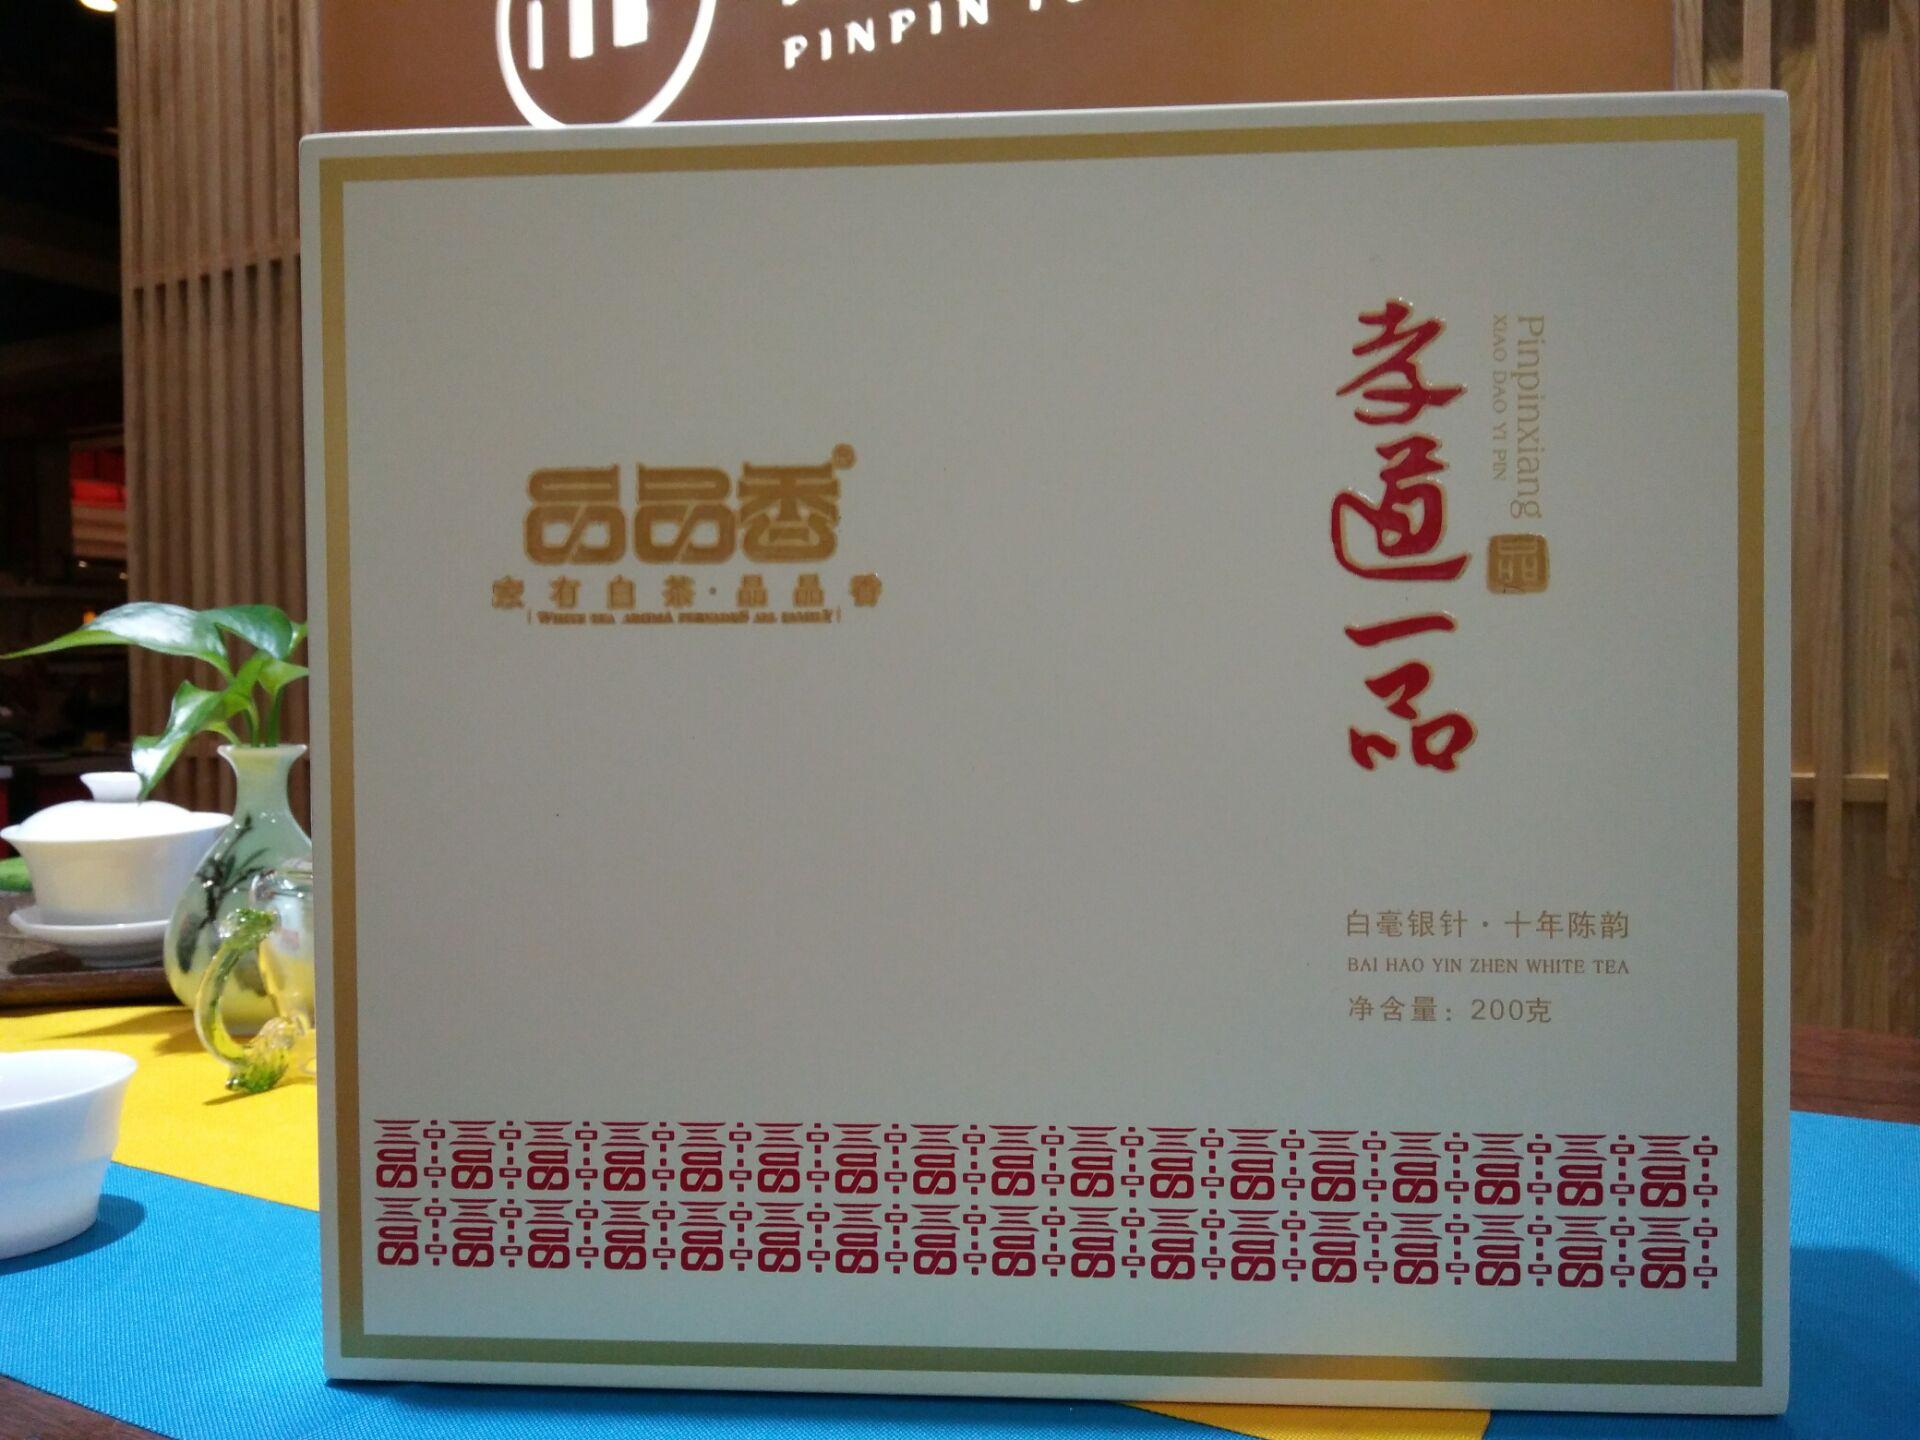 品品香老白茶孝道一品十年陈白毫银针200g/盒 福建福鼎白茶叶礼盒